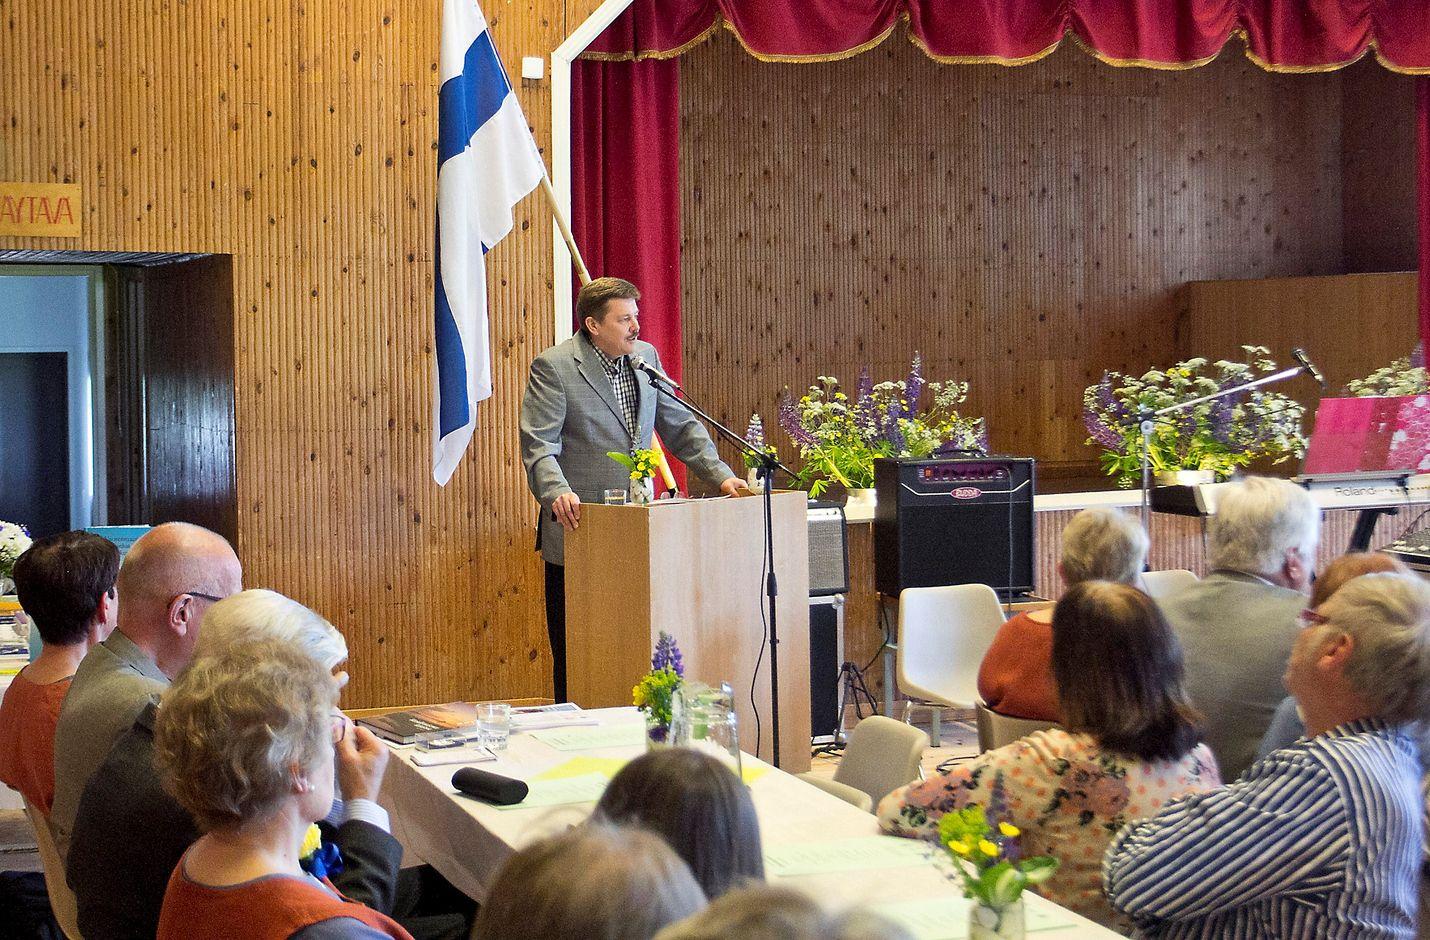 Pääjuhlan juhlapuheen piti Köyliössä koulunsa käynyt liikuntalääketieteen professori Urho Kujala. Hän muisteli Köyliötä lämmöllä. Kuva: Simo Nummi